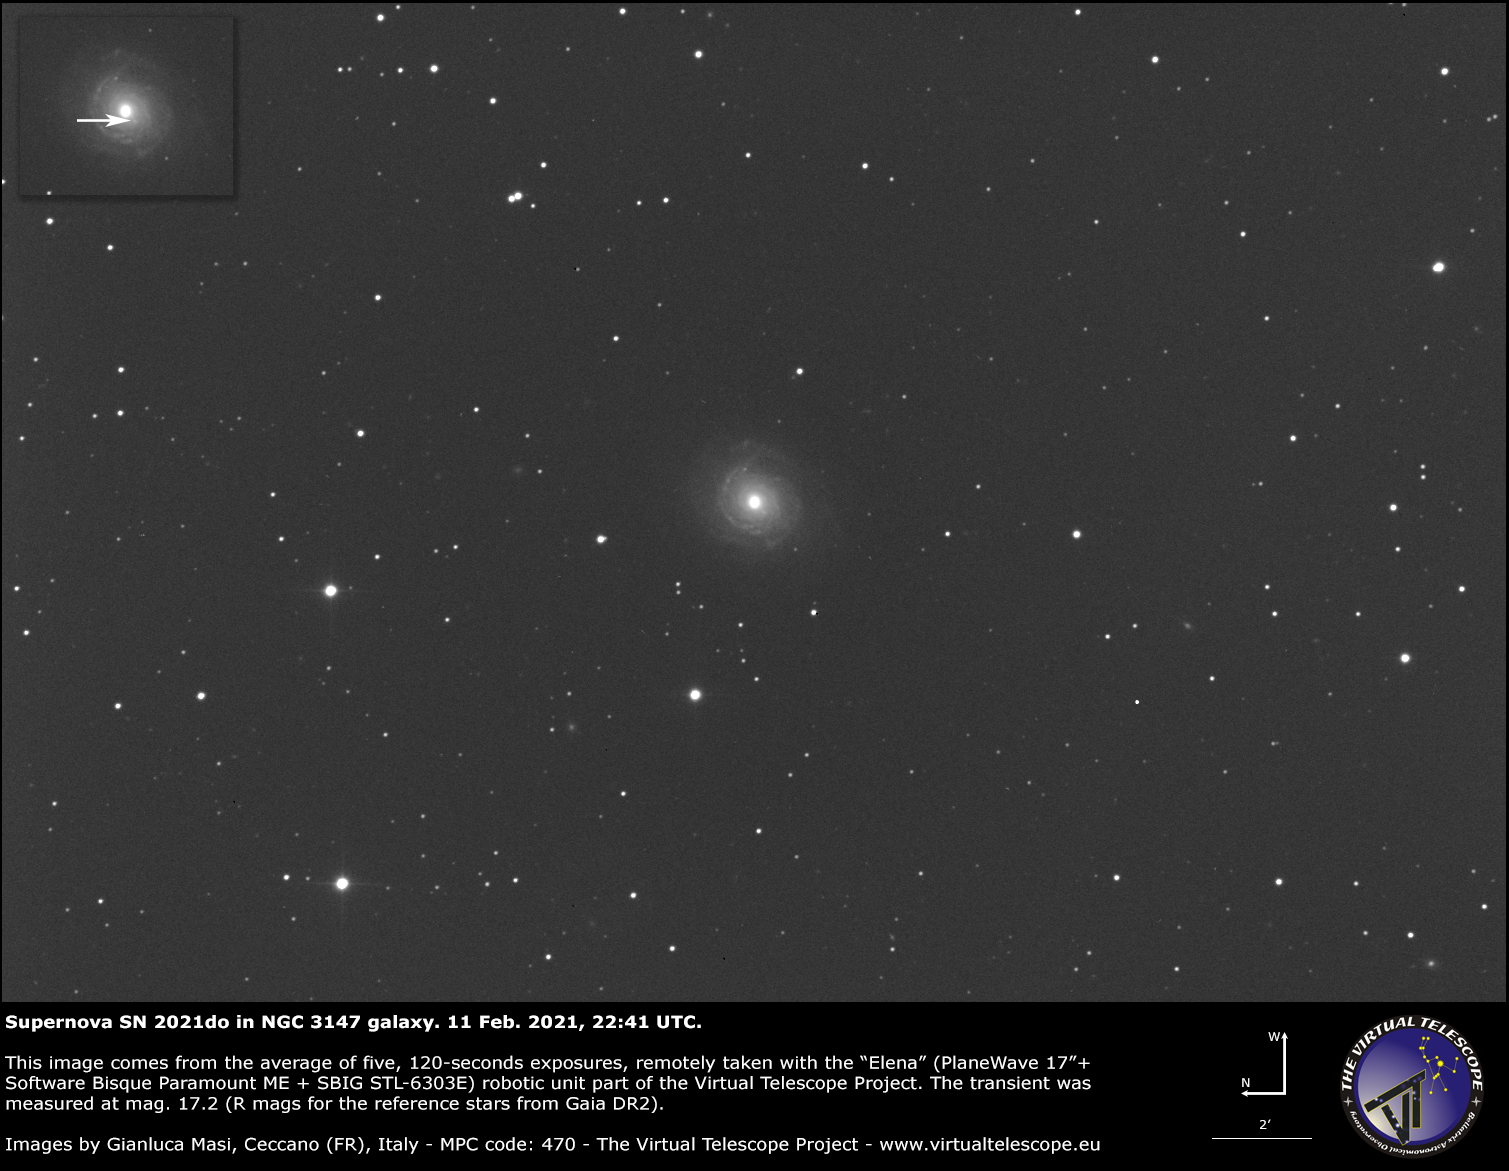 Supernova SN 2021do in NGC 3147 galaxy: 11 Feb. 2021.